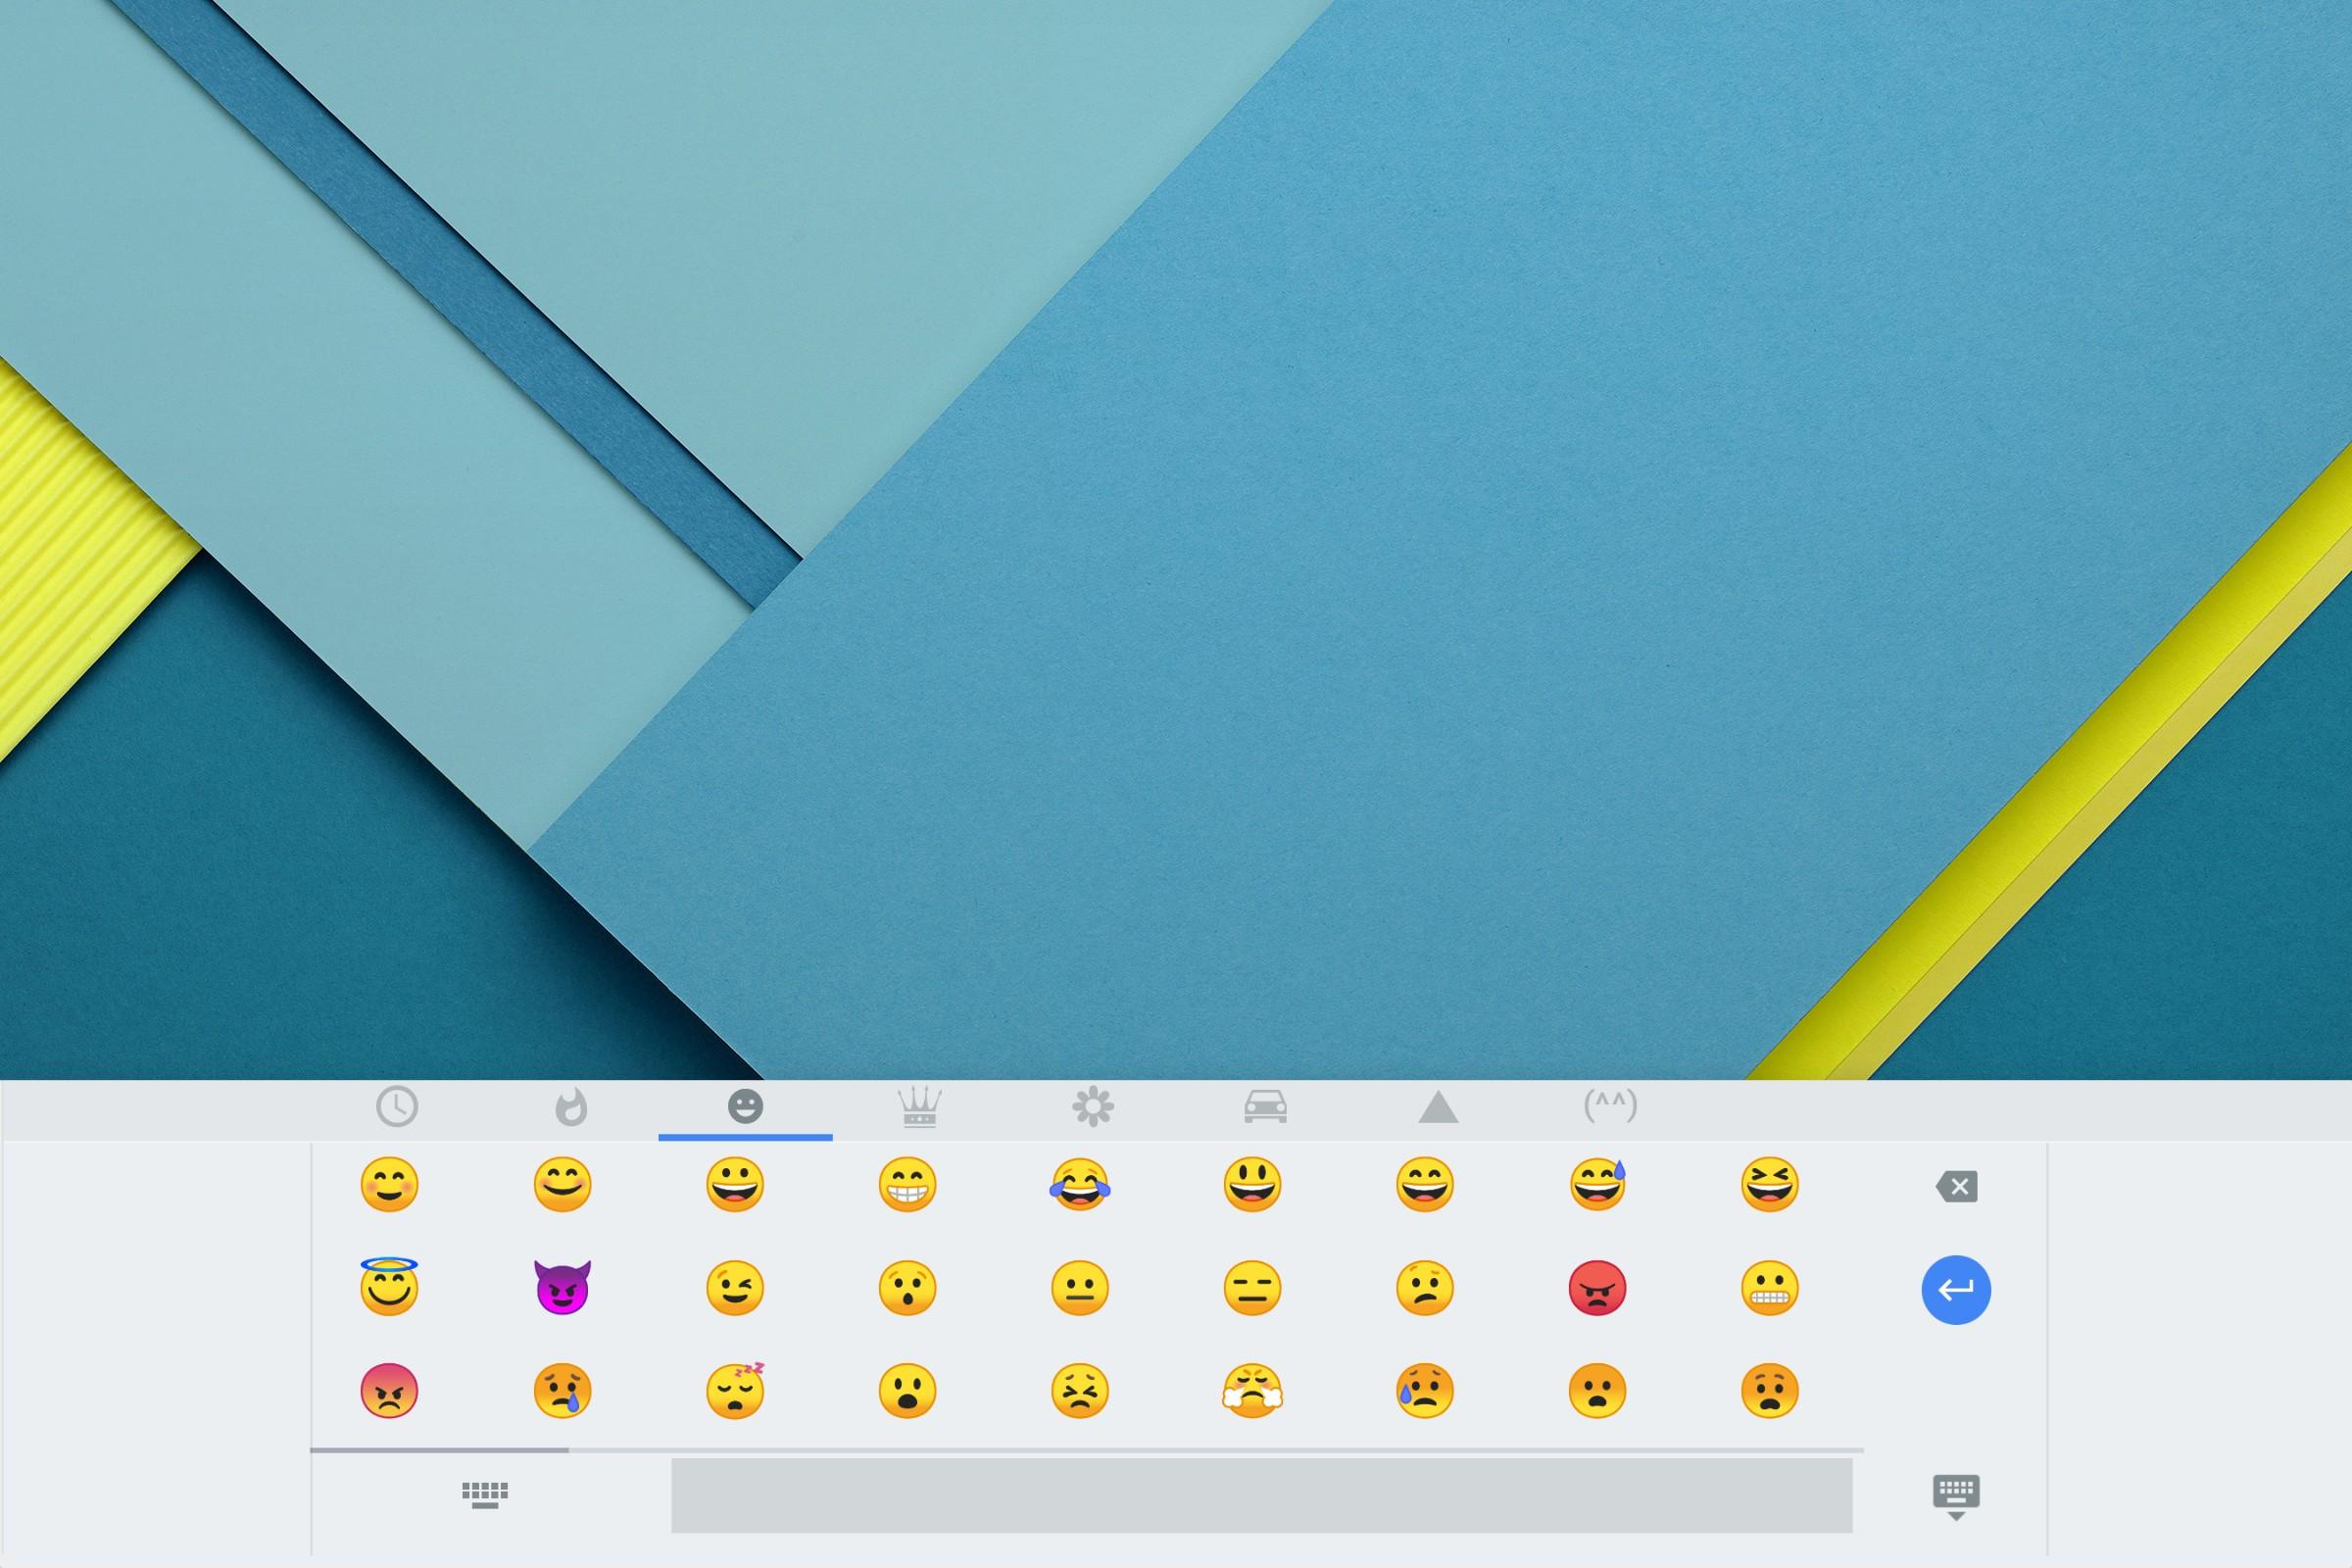 Chrome OS using Emoji 7